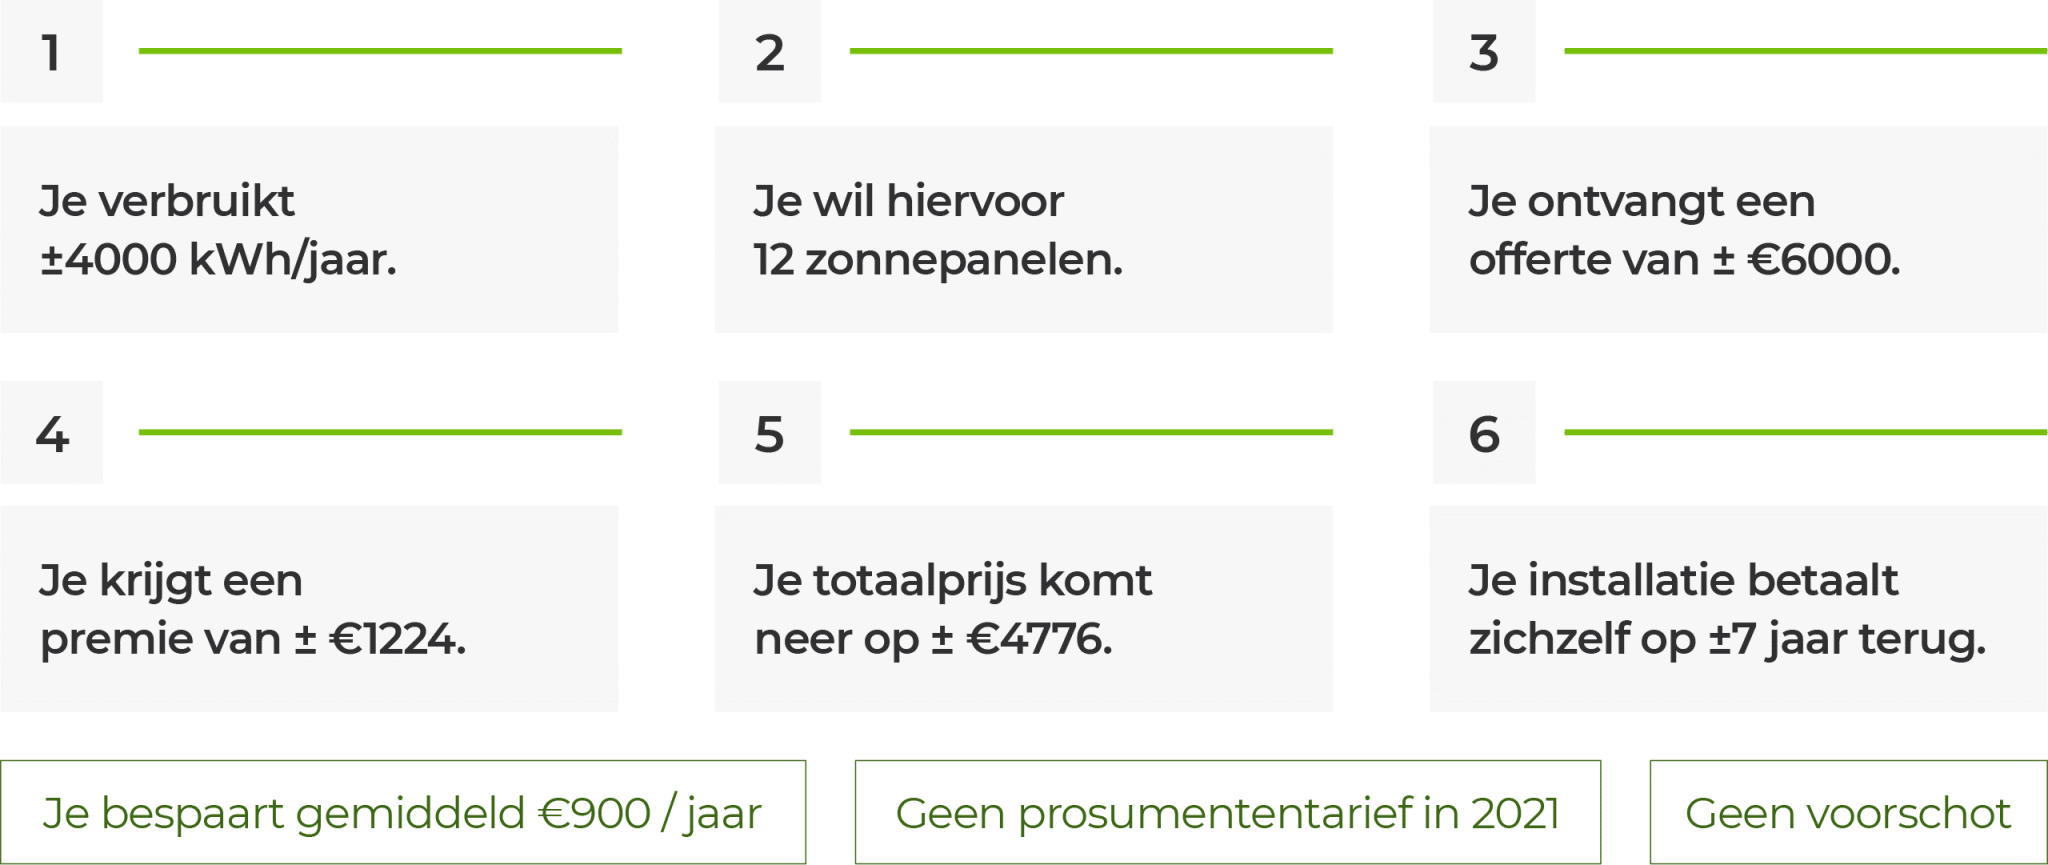 Asset 3 5